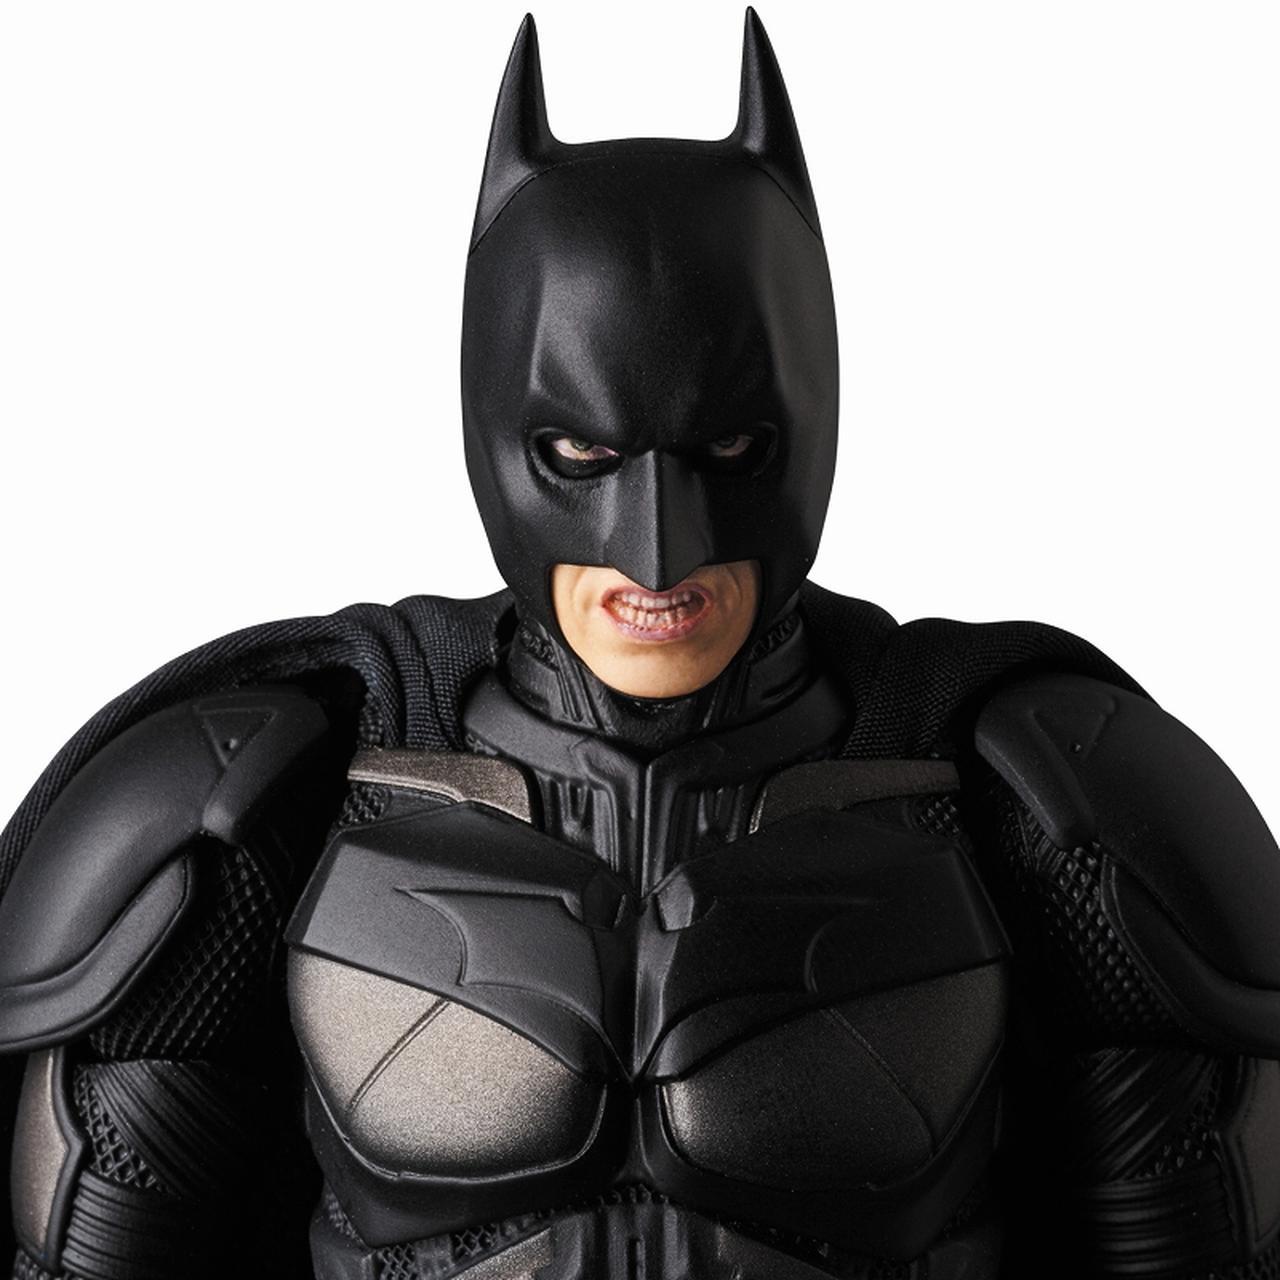 画像3: 『ダークナイト』でクリスチャン・ベールが演じたバットマンのディテールにこだわったフィギュアが登場!